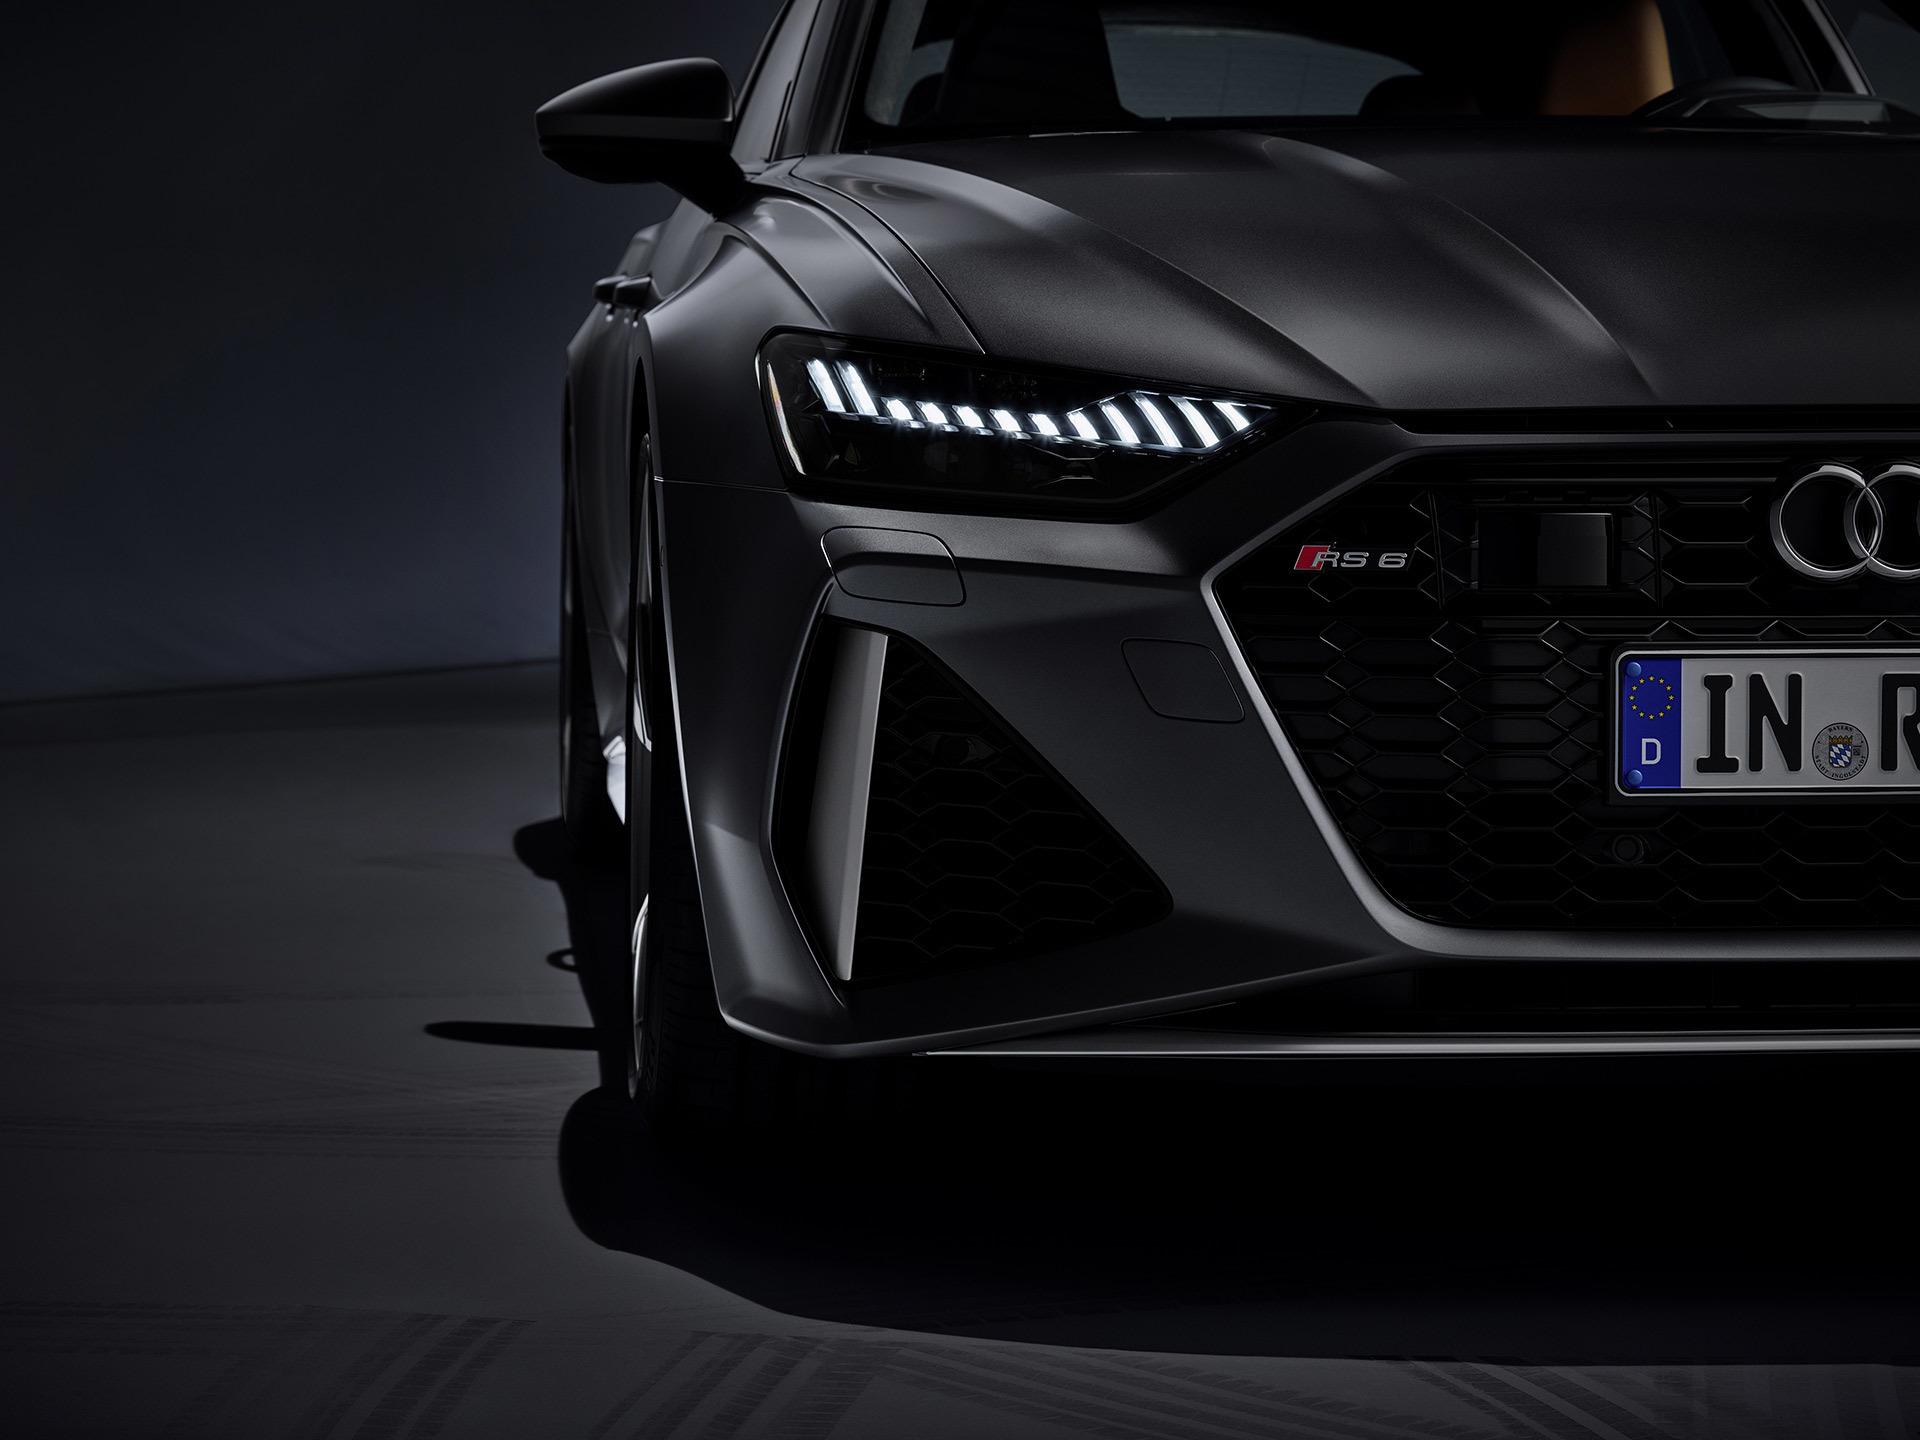 Audi Rs6 Avant 2020 6125 Rs60000011